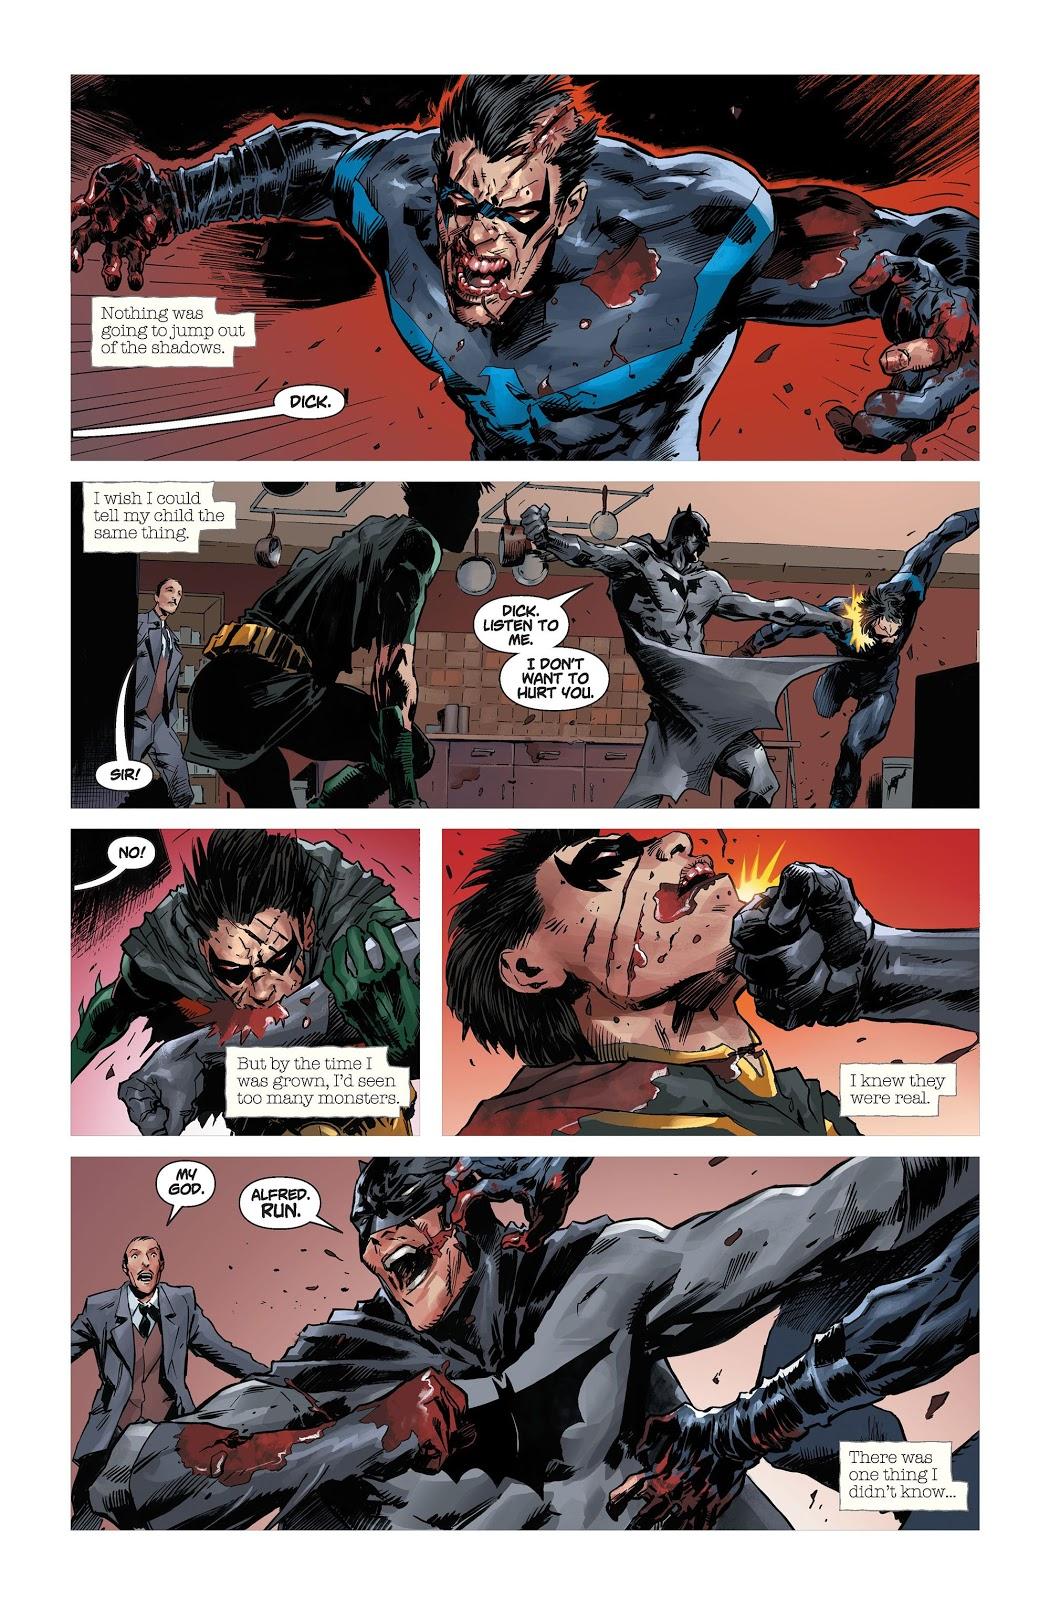 DCEASED | Dc comics funny, Dc comics artwork, Dc comics characters heroes